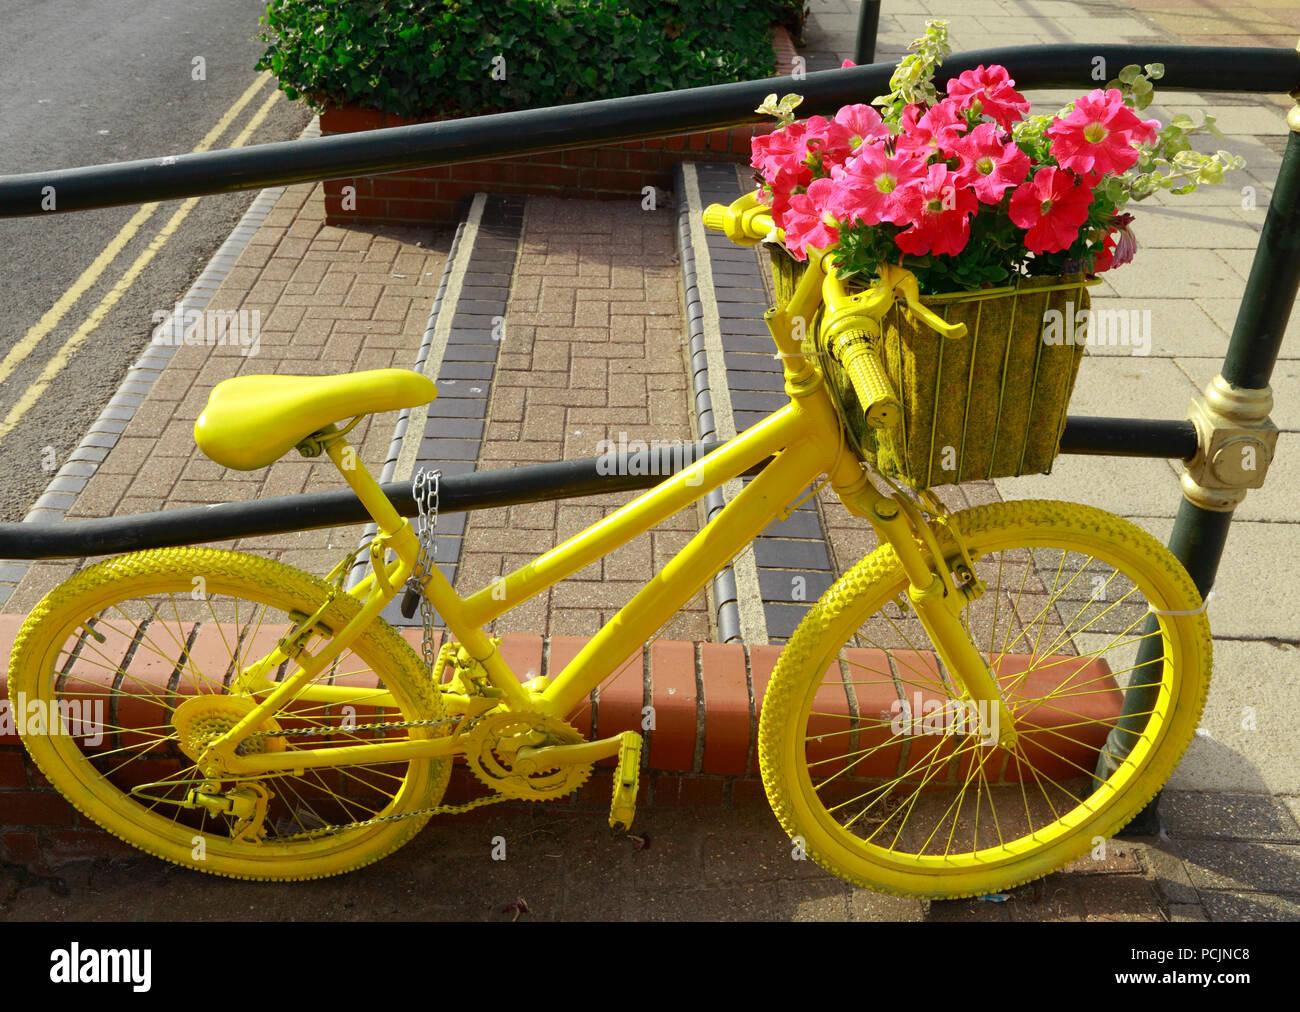 Hunstanton en fleurs, plantes inhabituelles, conteneurs de bicyclettes peints jaune Photo Stock